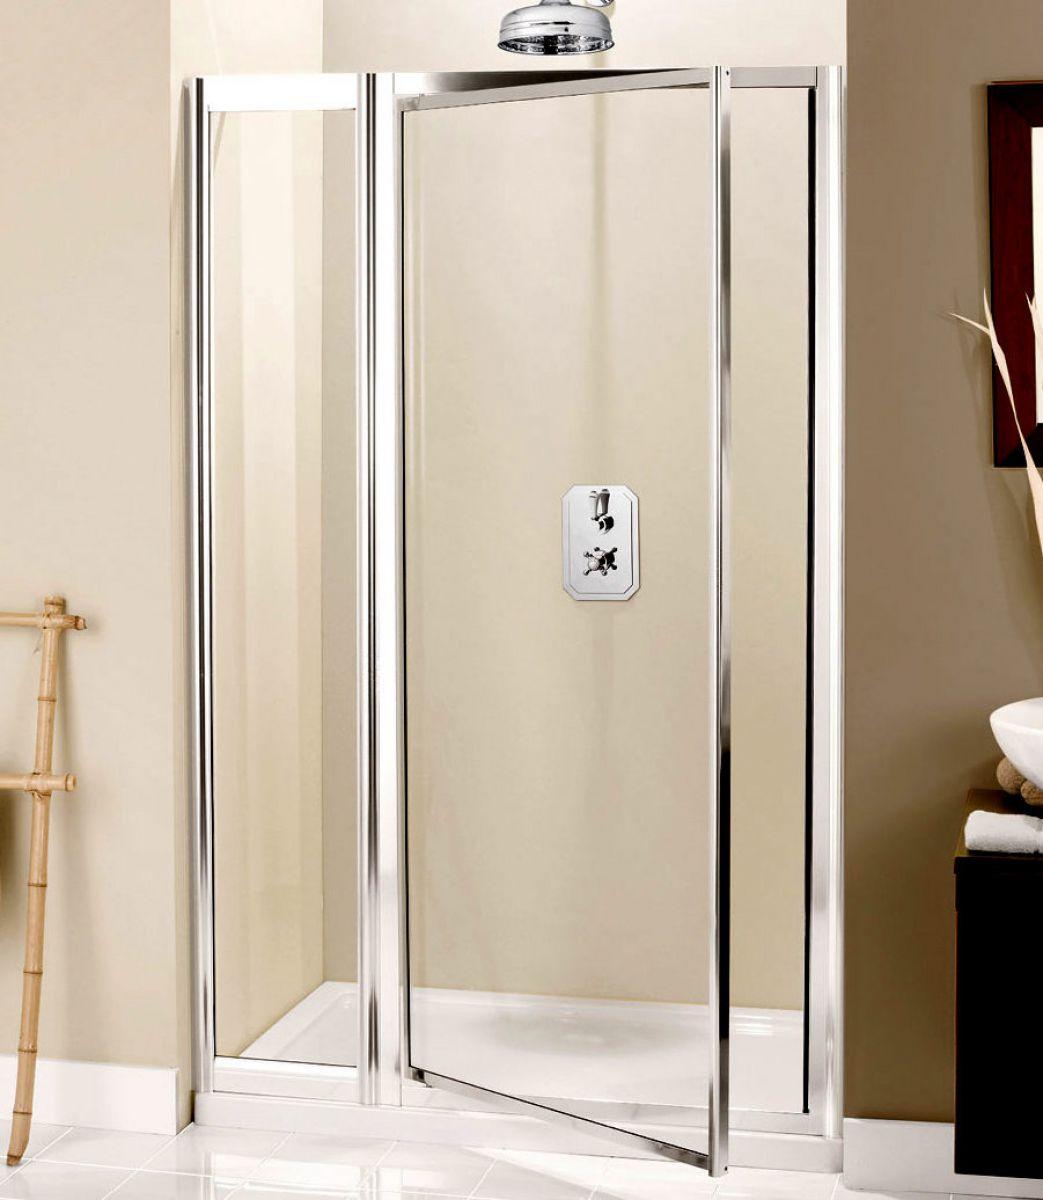 Simpsons supreme pivot door with inline shower uk bathrooms for 1200 pivot shower door